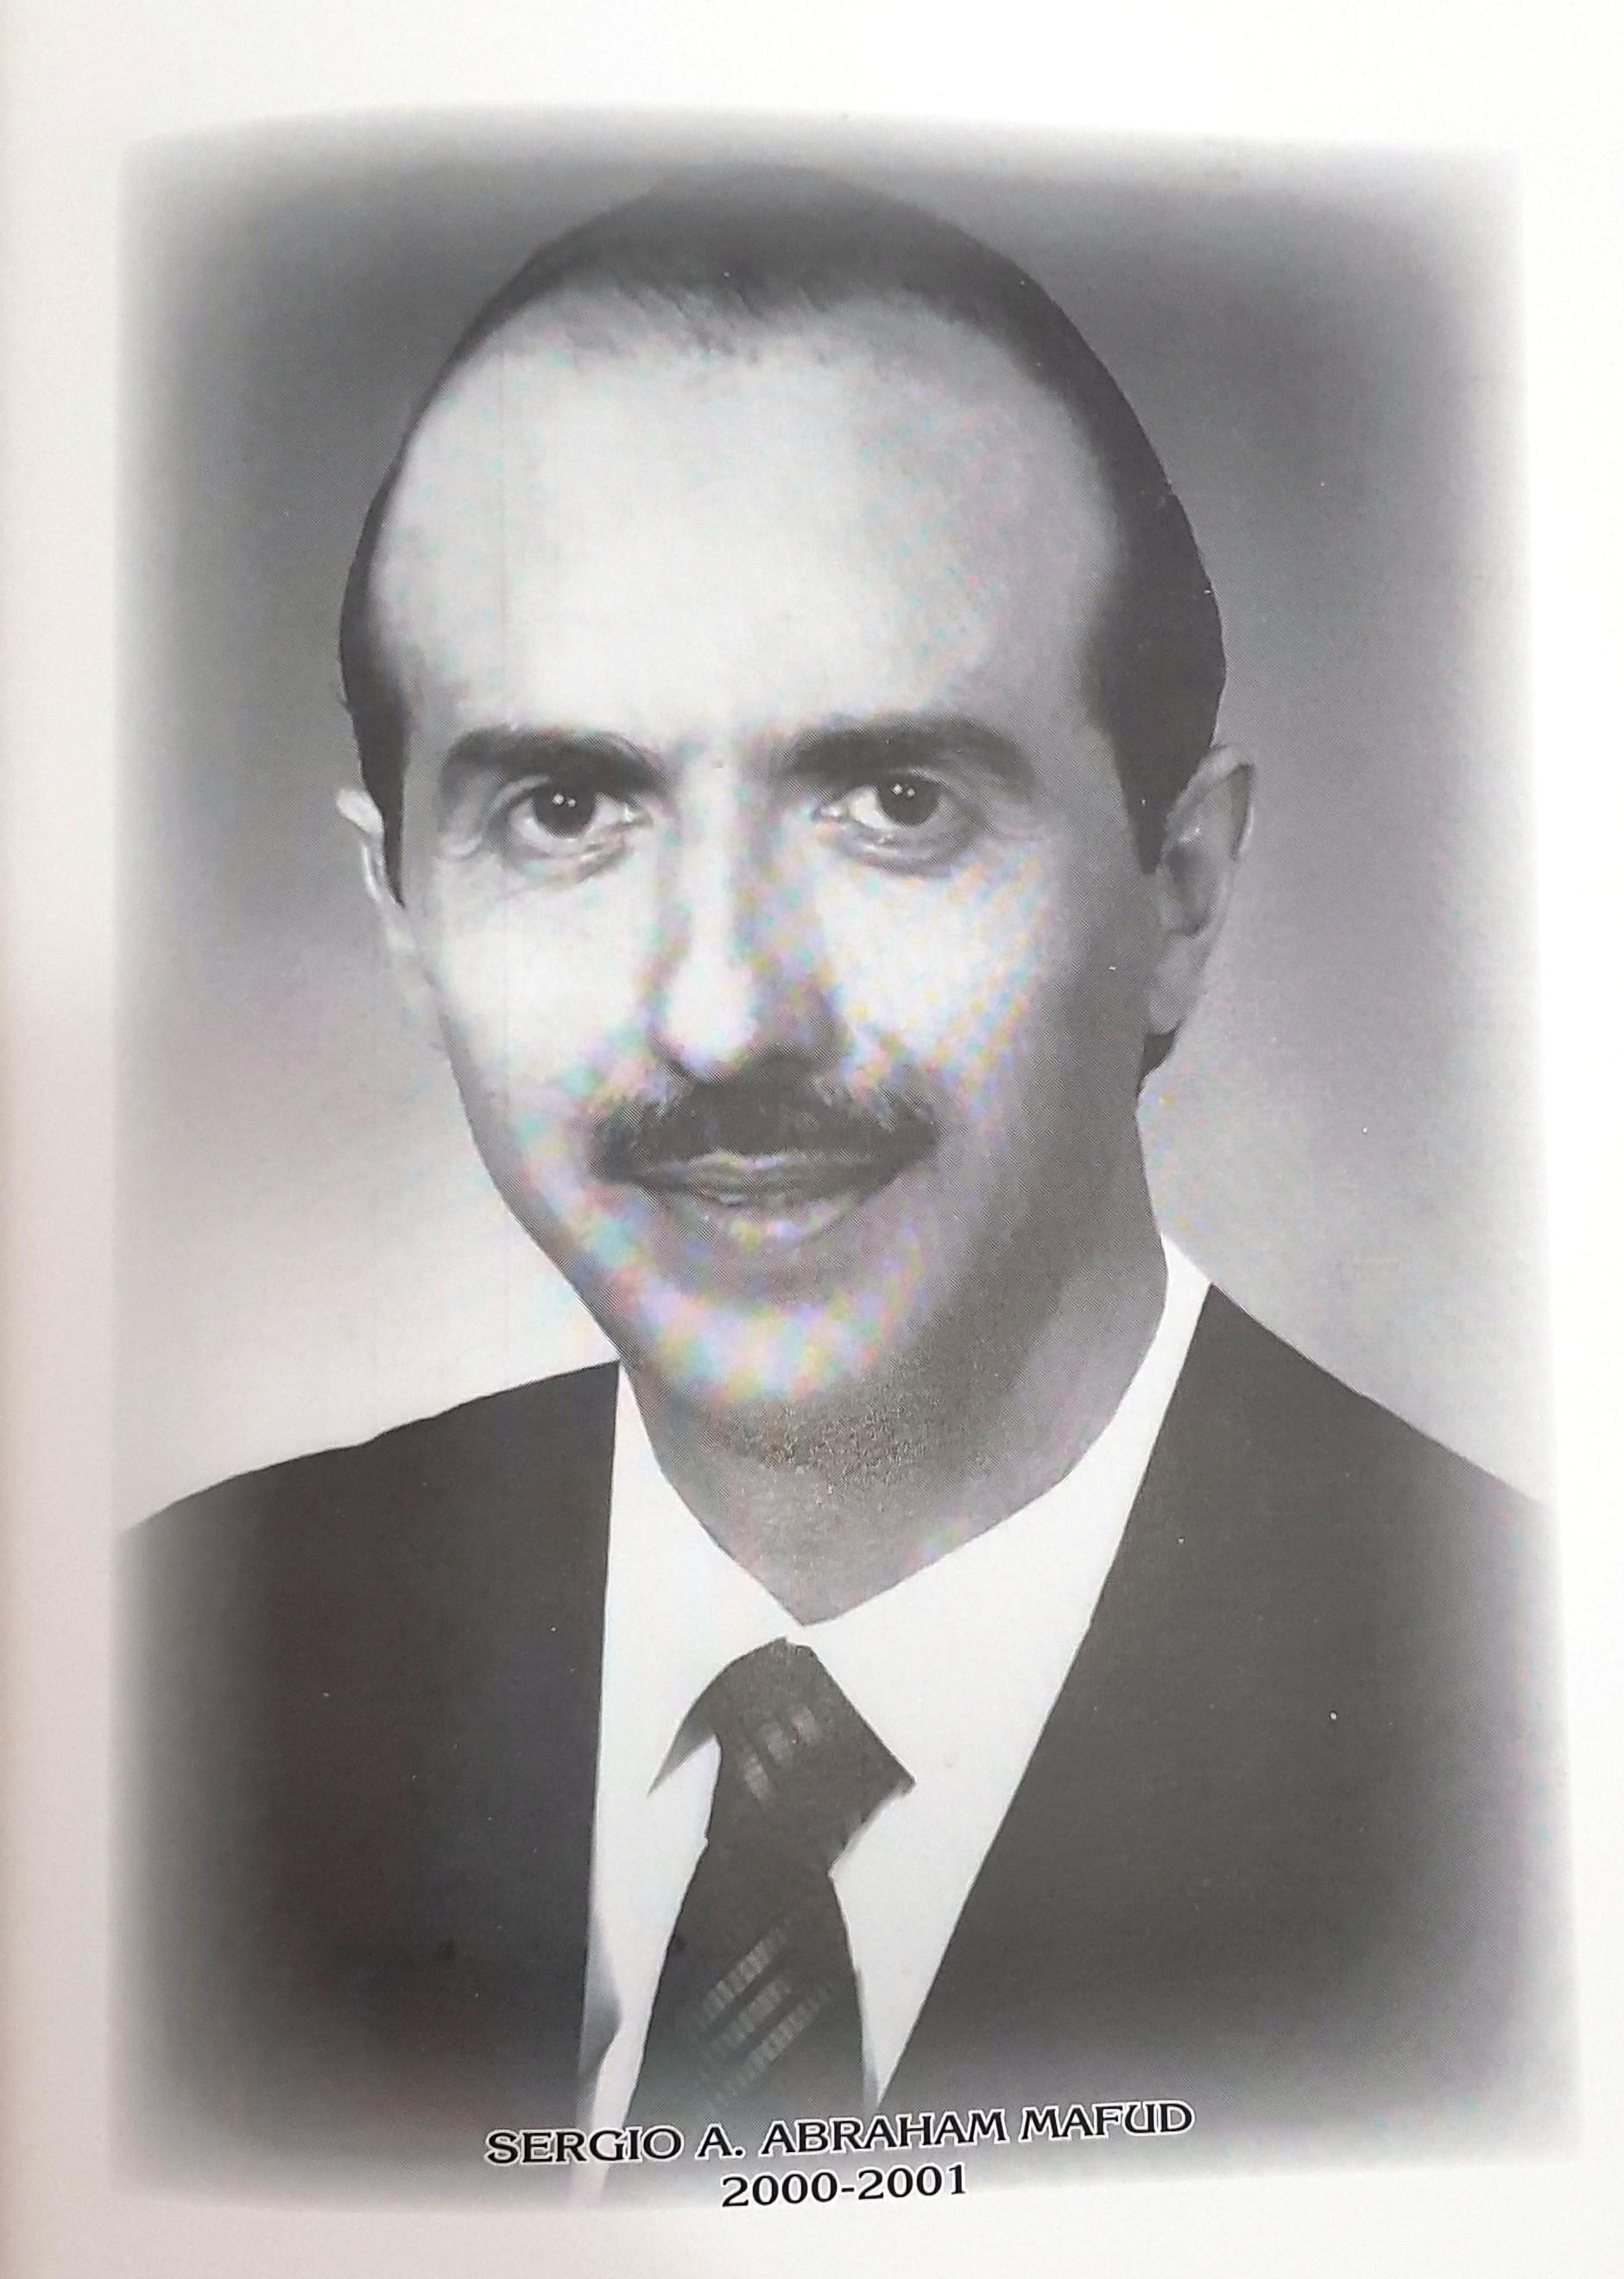 PRESIDENTE DE LA CÁMARA DE COMERCIO DE MÉRIDA SR. SERGIO  A. ABRAHAM MAFUD